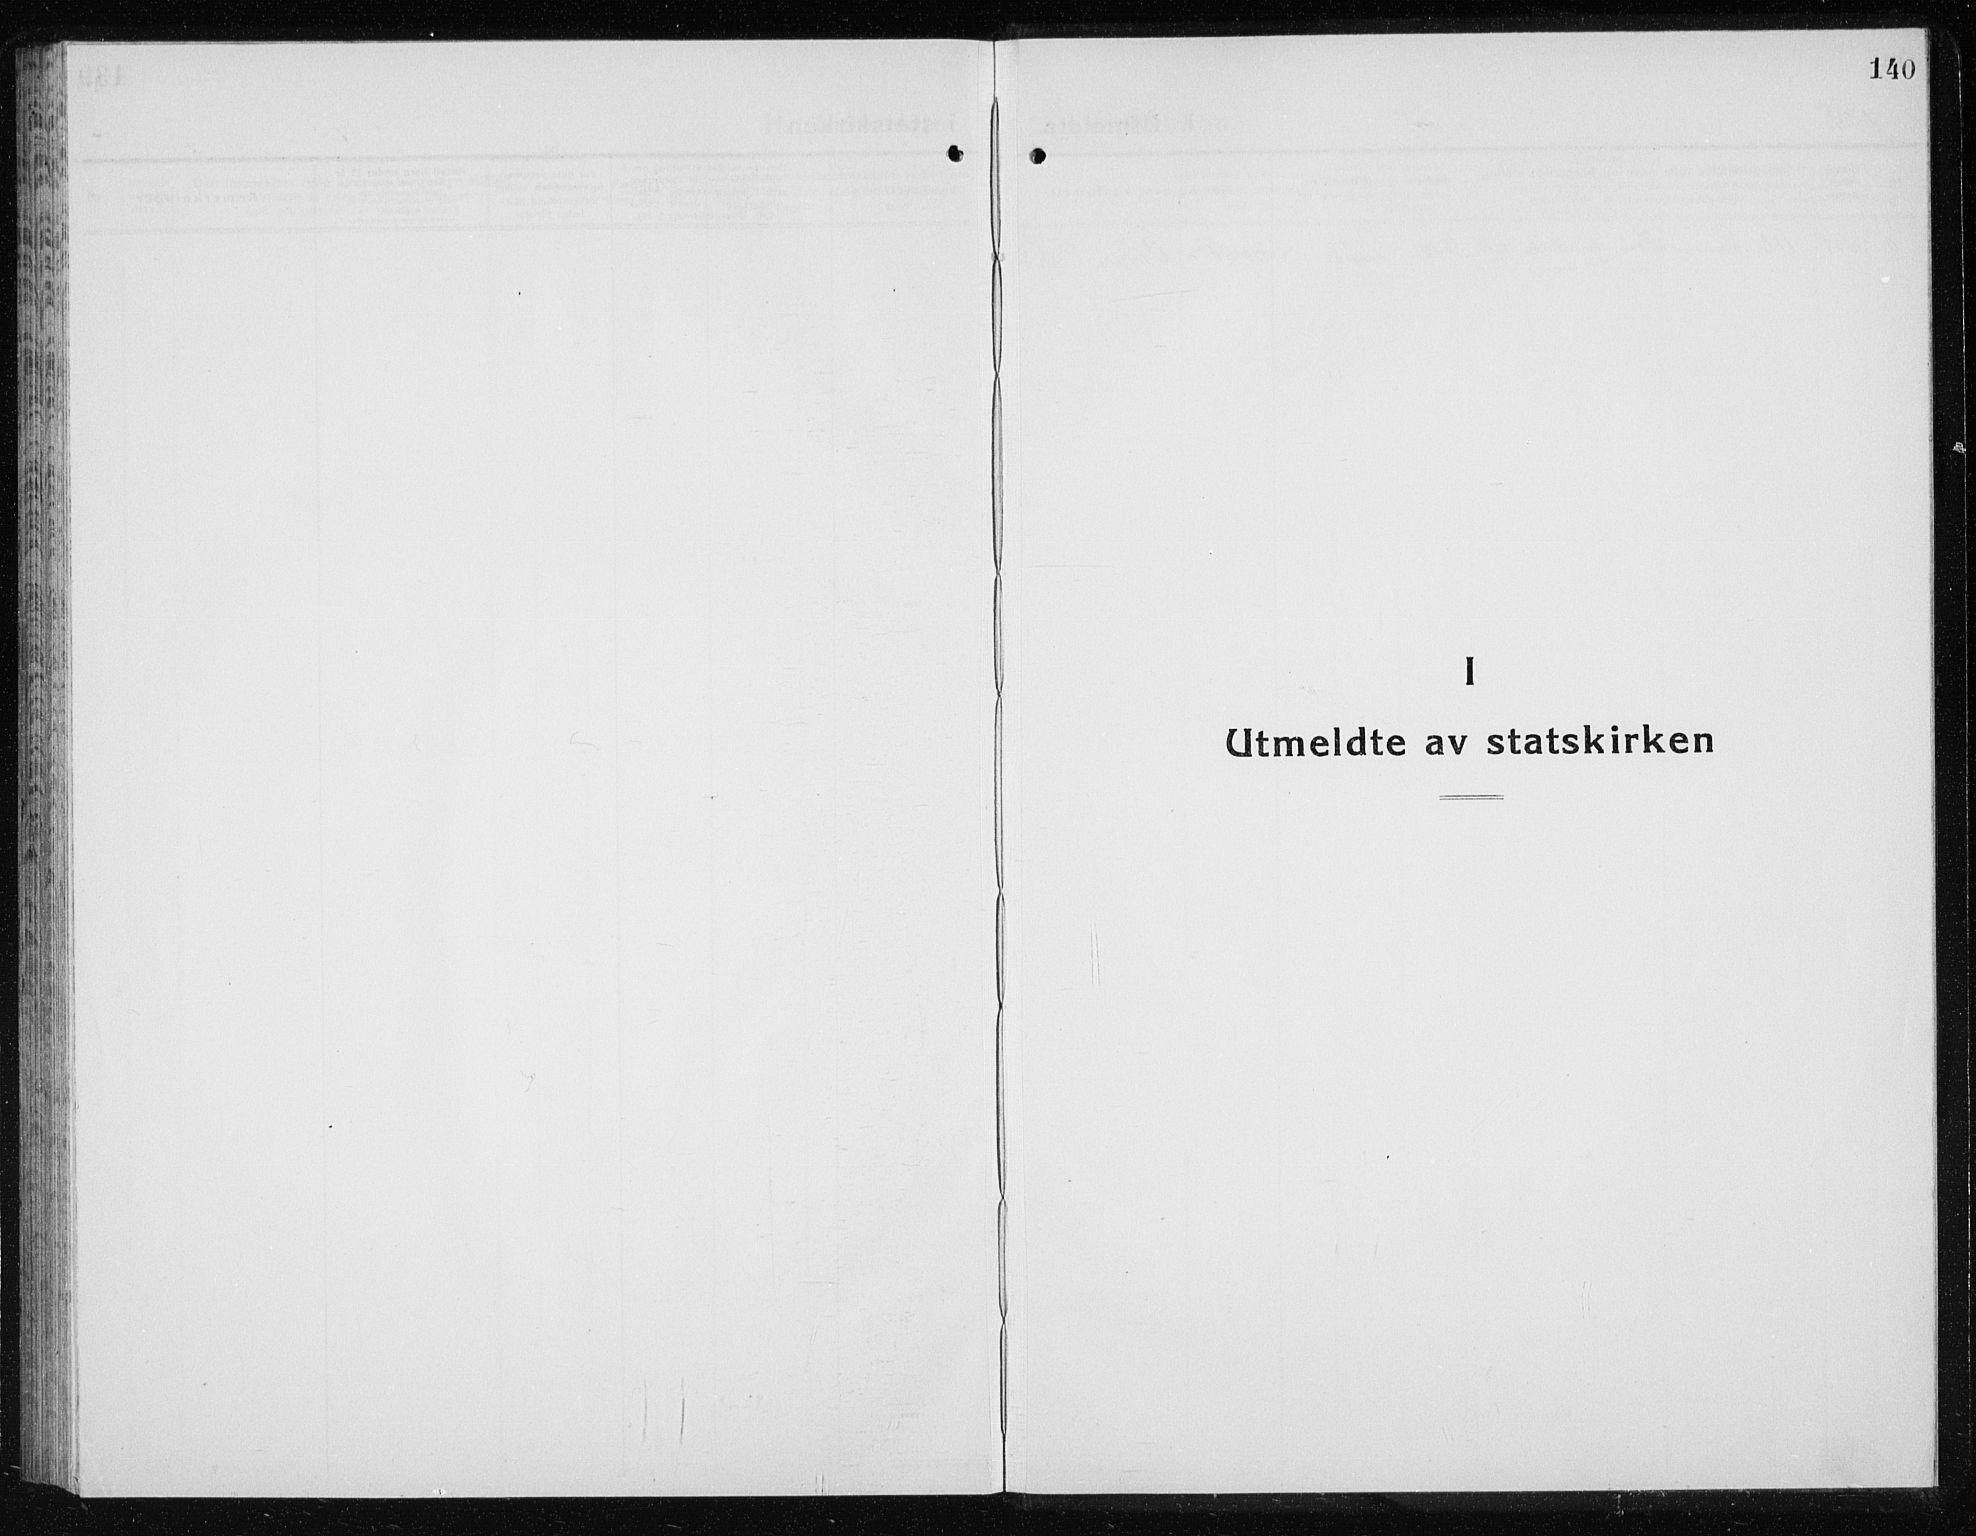 SAT, Ministerialprotokoller, klokkerbøker og fødselsregistre - Nord-Trøndelag, 719/L0180: Klokkerbok nr. 719C01, 1878-1940, s. 140